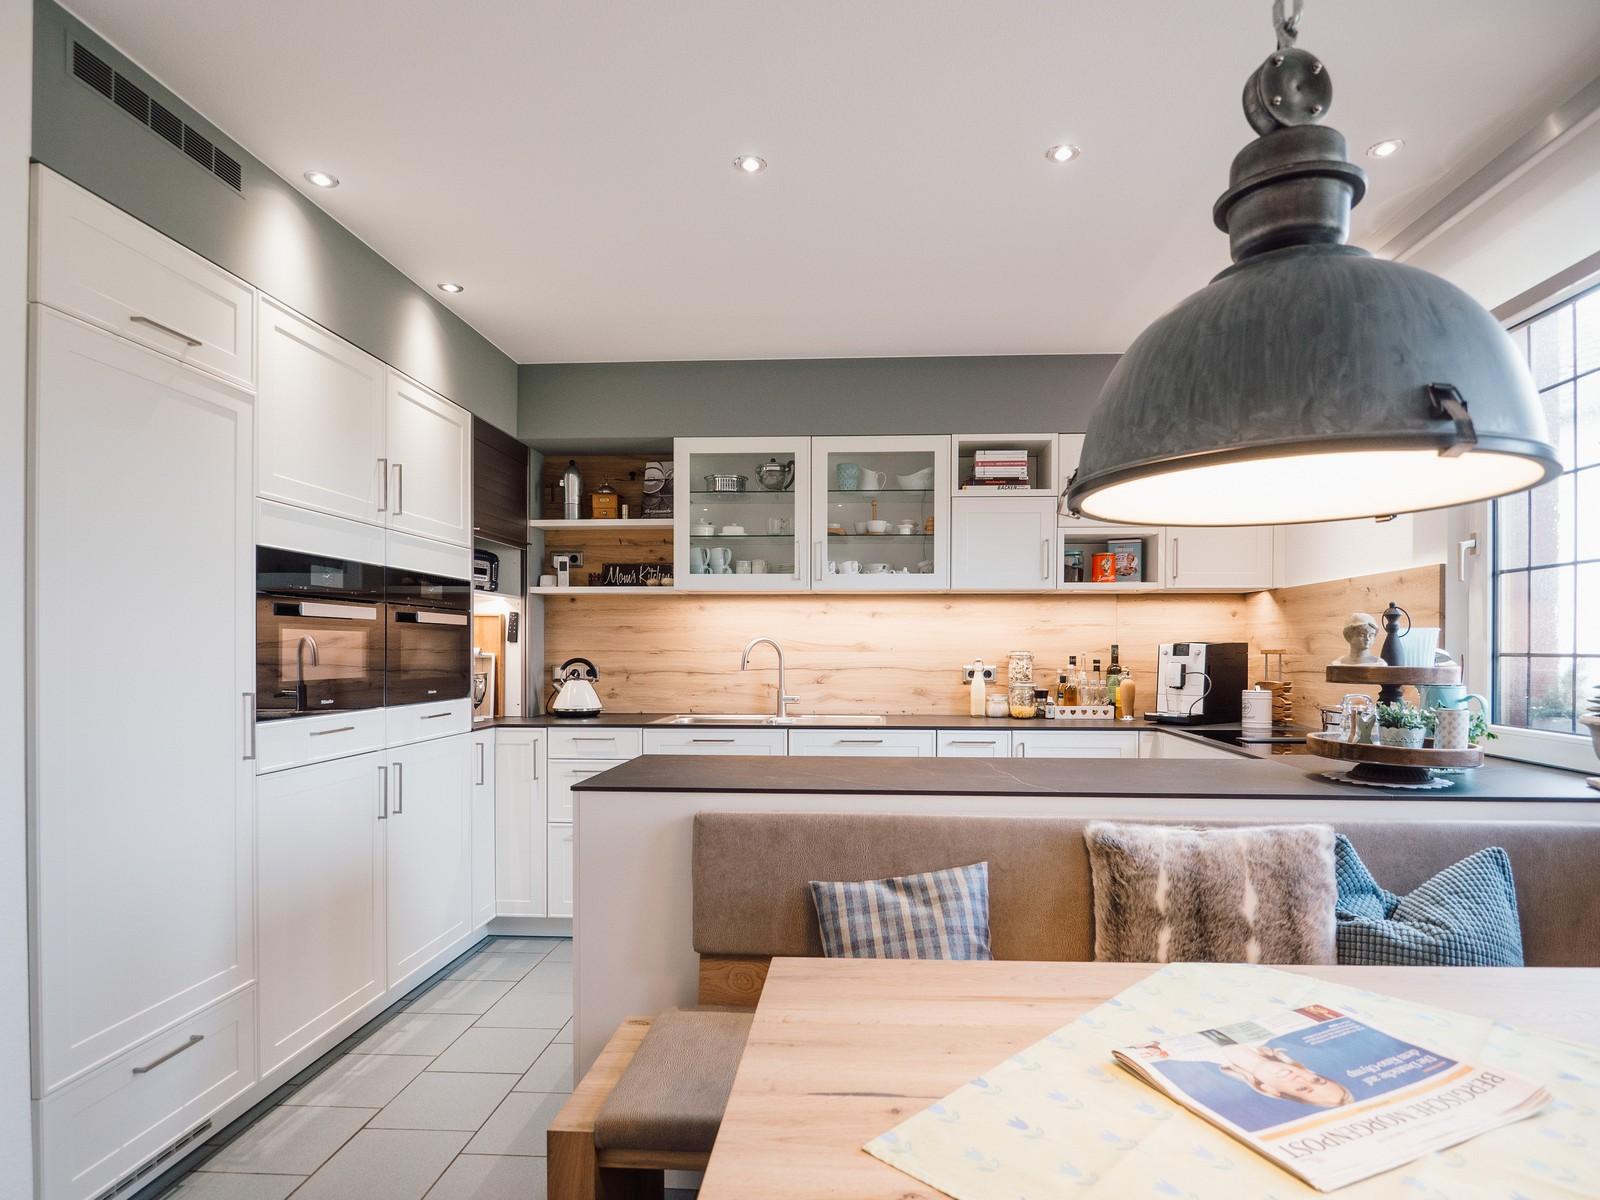 Leicht Küche mit Keramik Arbeitsplatte & Miele Geräten, Rückwand in ...